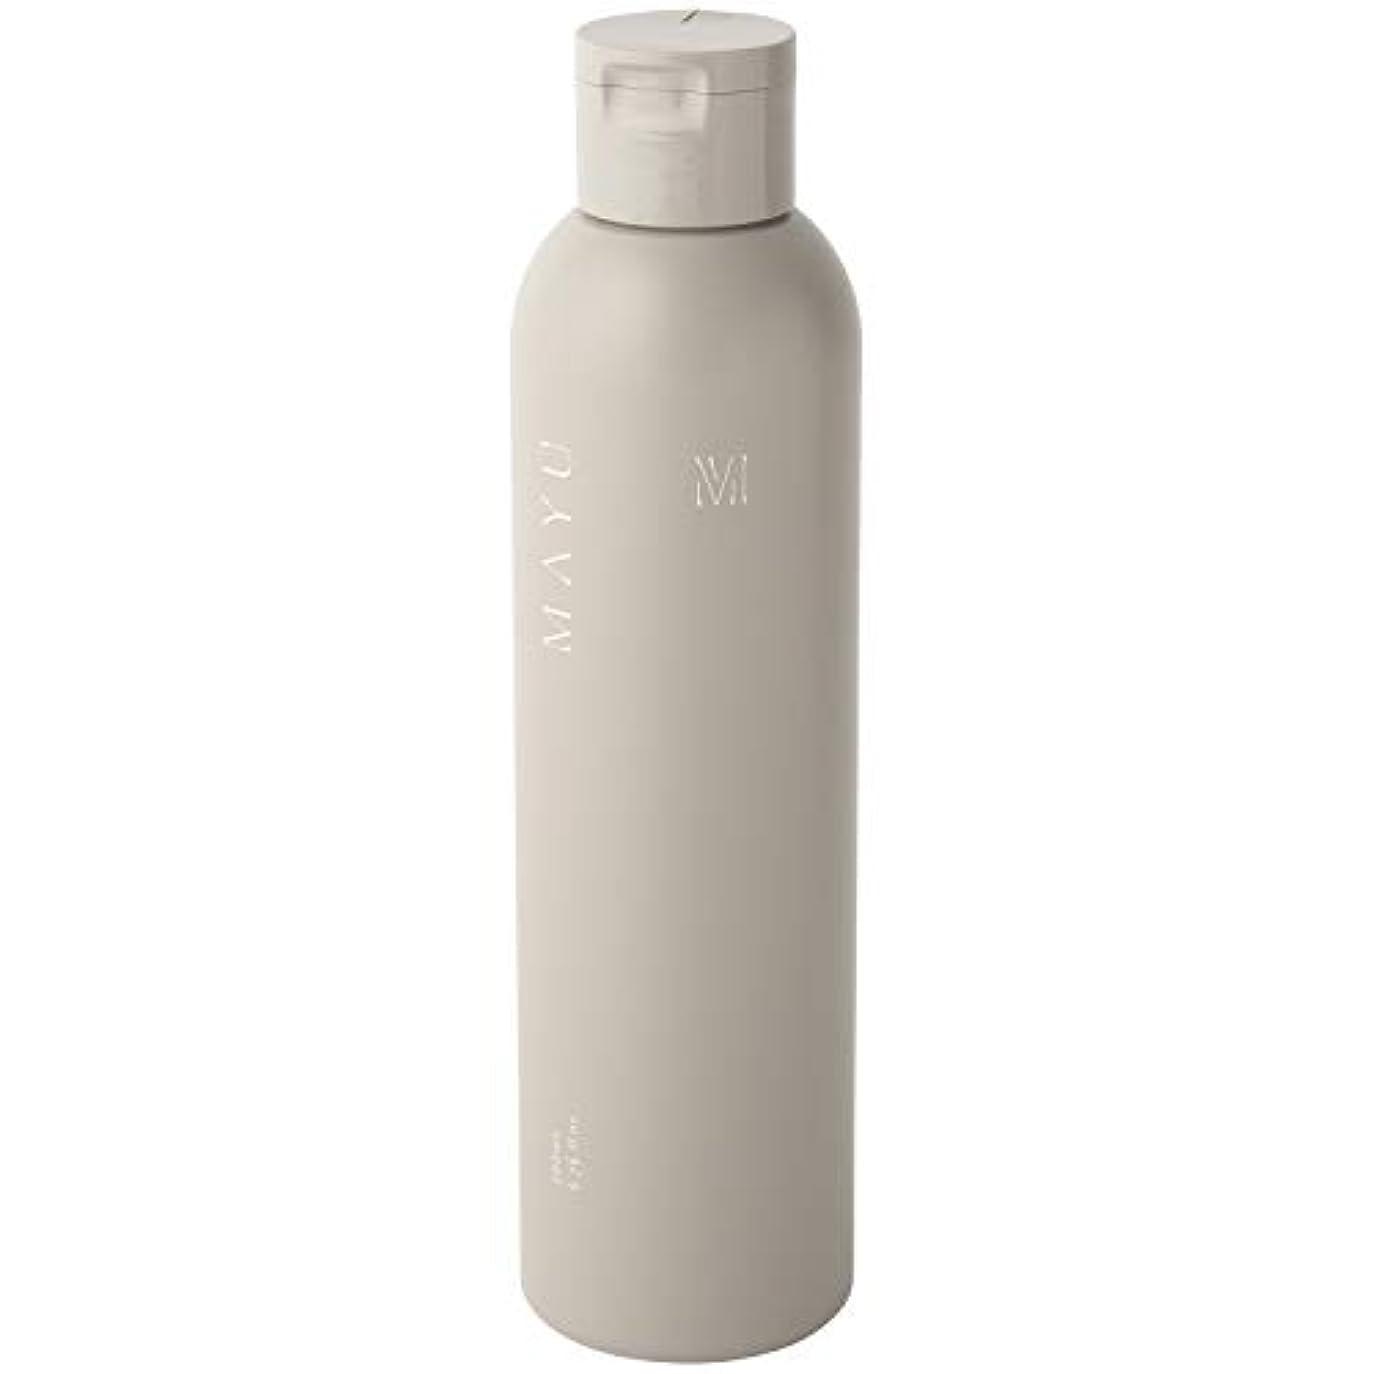 感じ討論単語【365Plus】 MAYU さくらの香りシャンプー (200ml) 1本入り